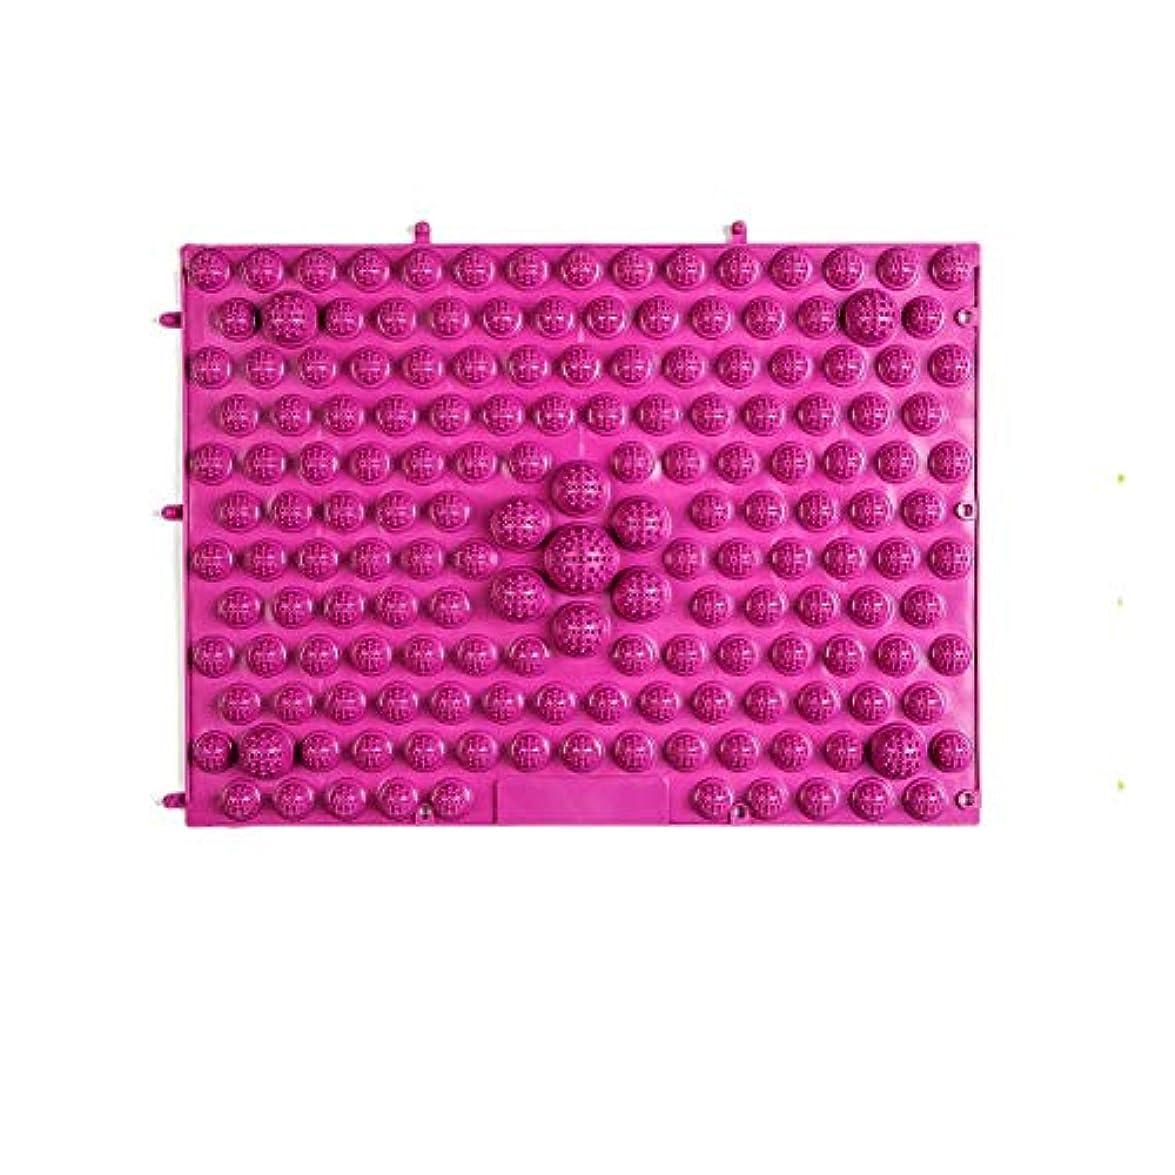 アジテーション中毒リビジョンウォークマット 裏板セット(ABS樹脂製補強板付き) (レッド)